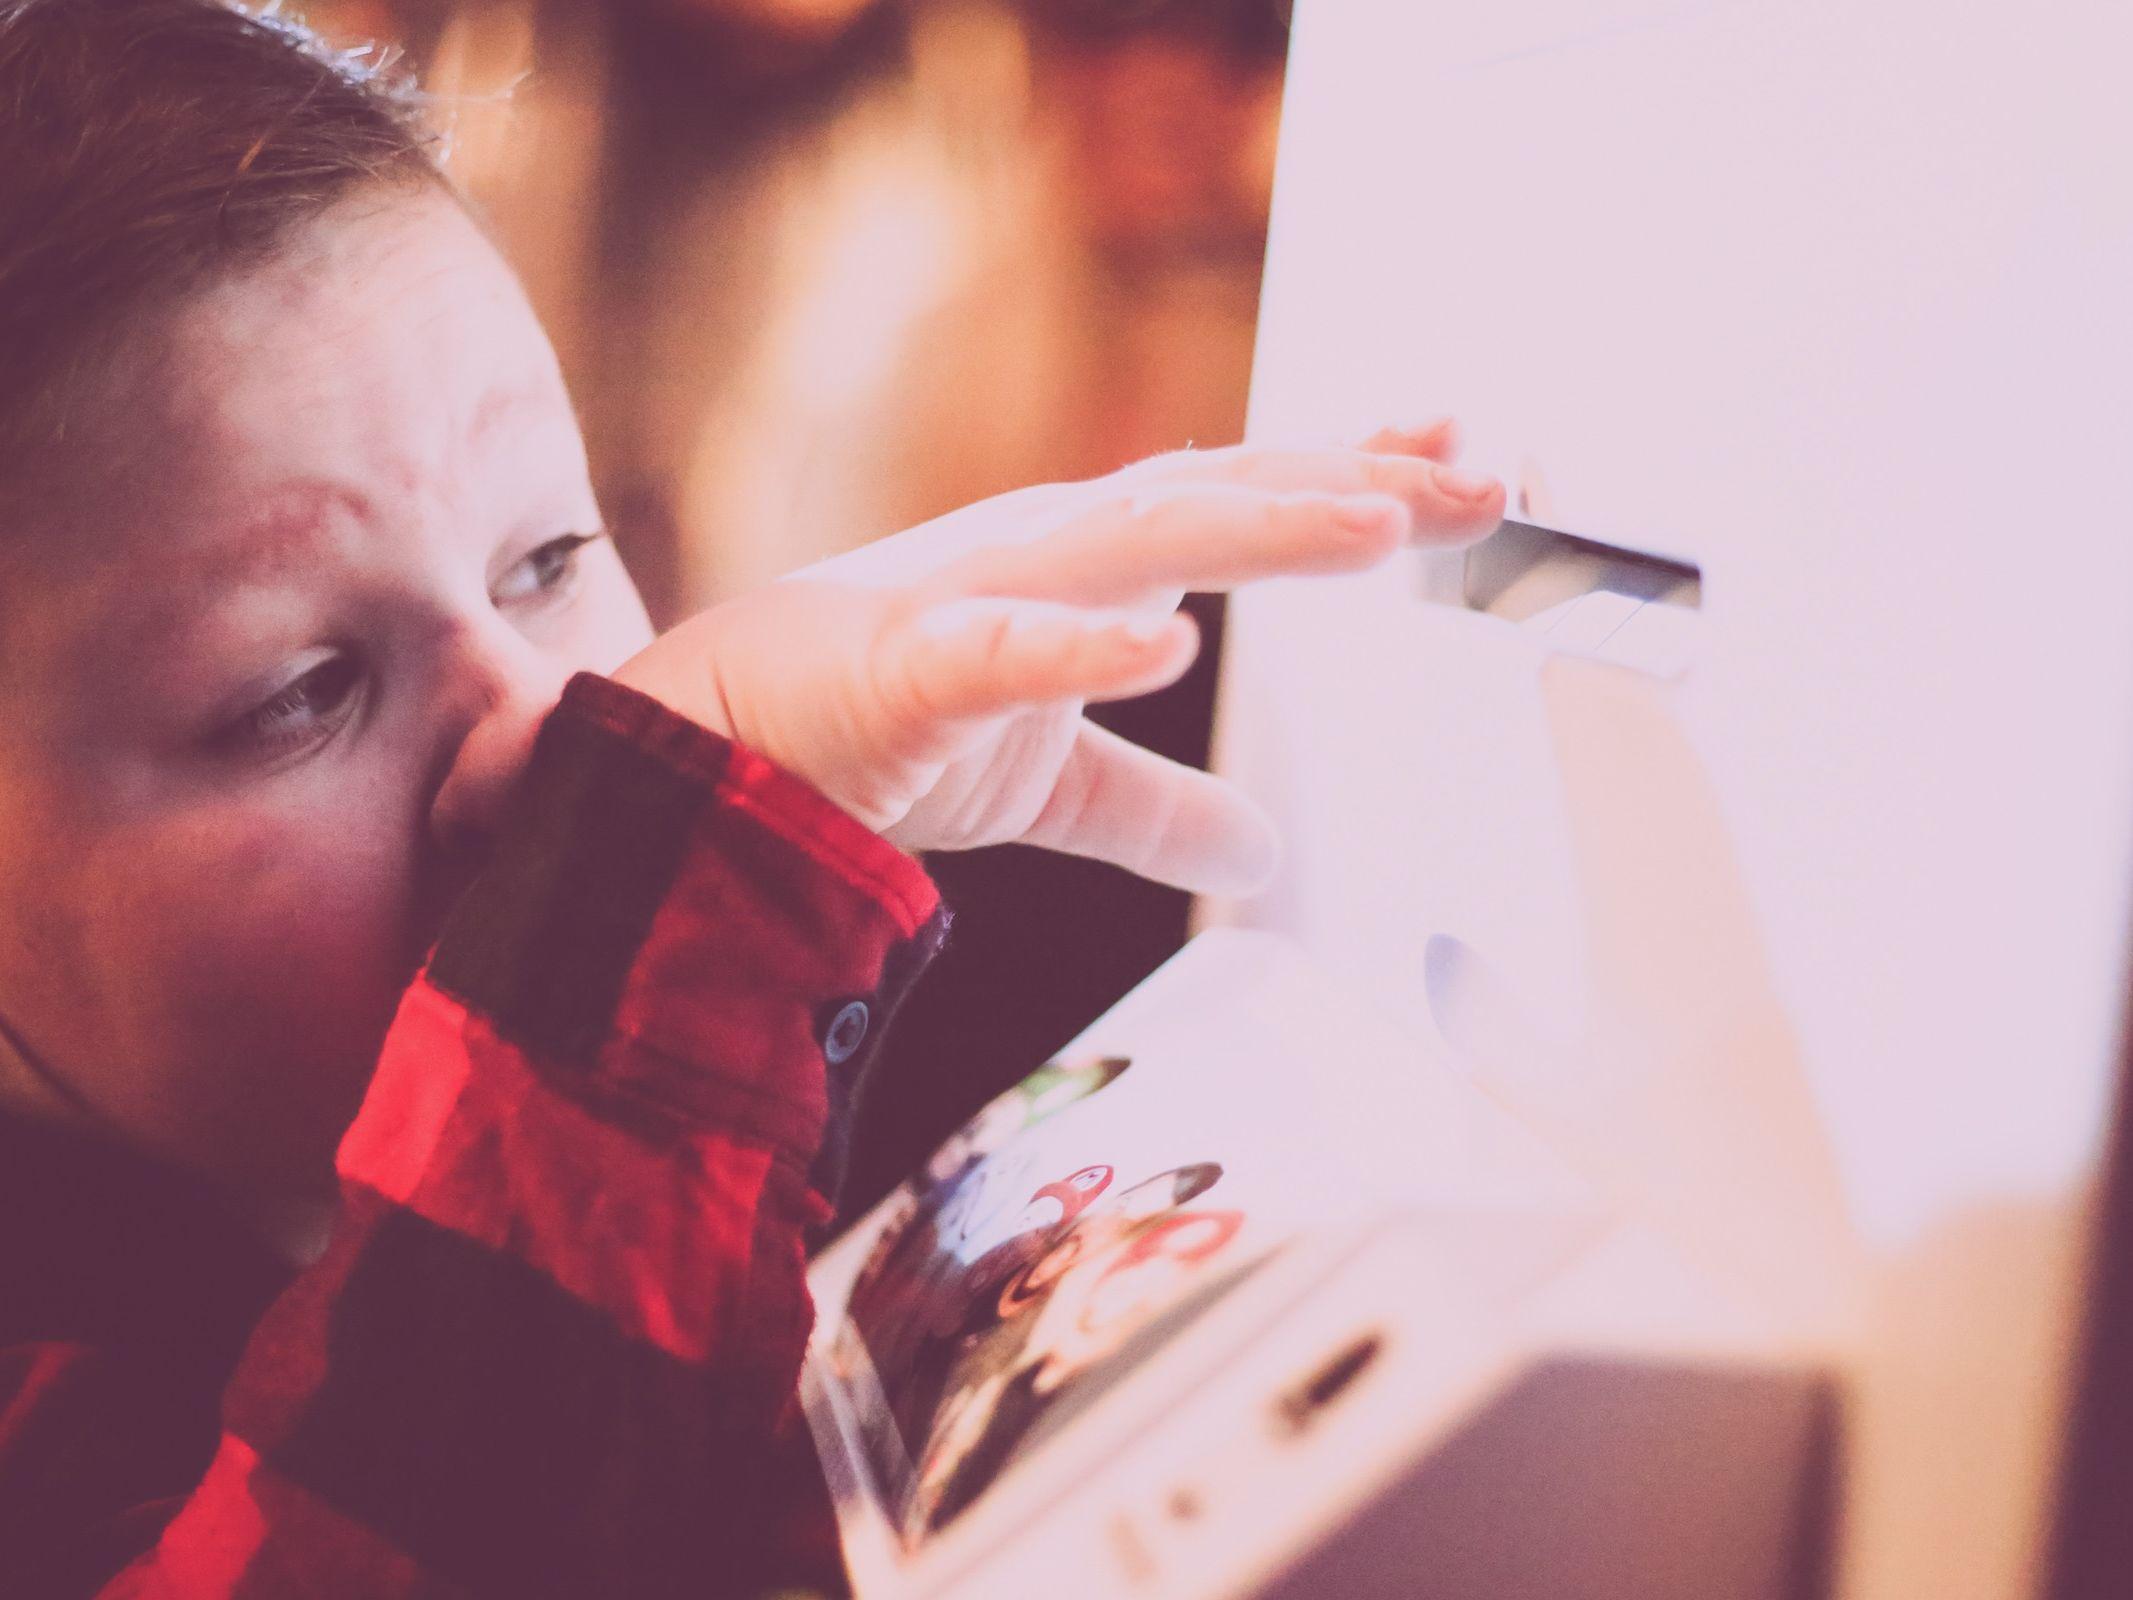 Fotobox | Hannover | Mieten | Fotoautomat | Buchen | Fotokiste | Photobooth | Hannover | Hochzeit | Messe | Event | Firmenfeier | Fotokiste | Abiball | Buchen | Anfragen | Mieten | Fotoglotze | Lehmann | Eventservice